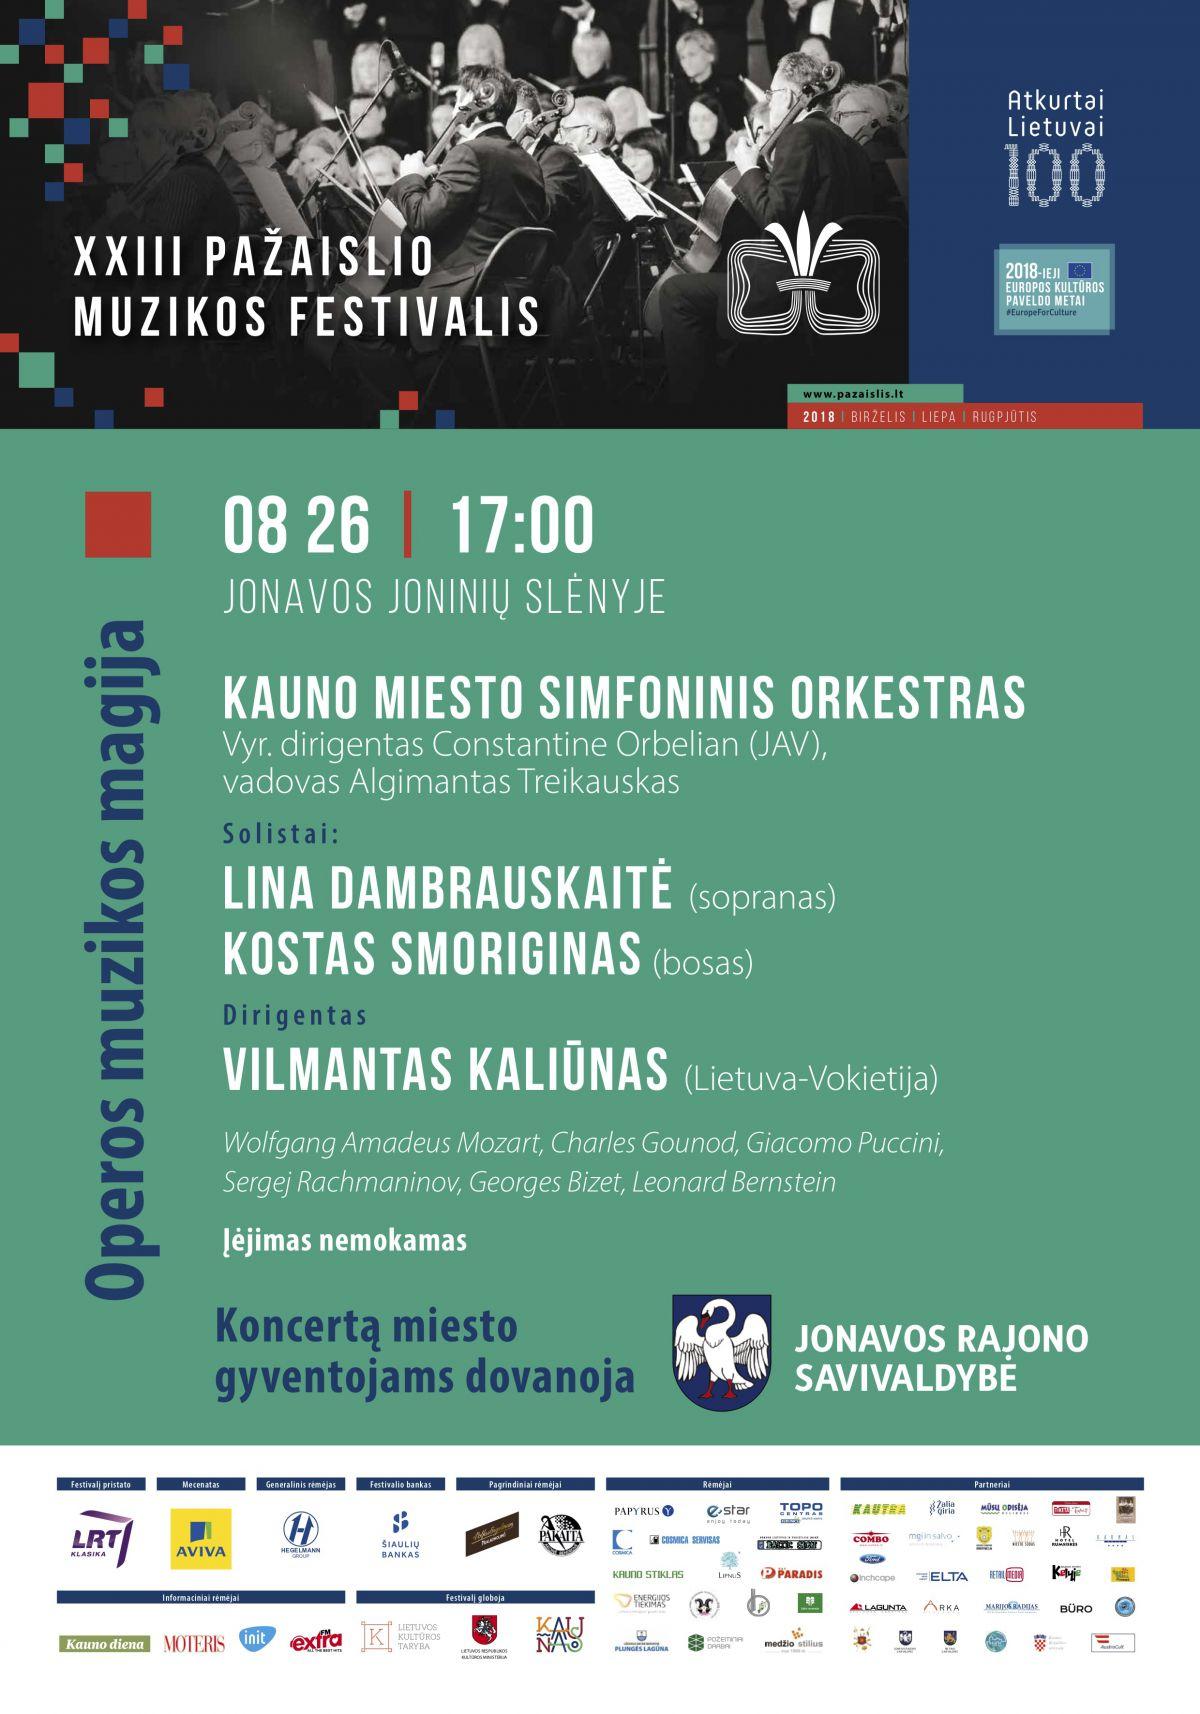 Pažaislio muzikos festivalis grįžta į Jonavos Joninių slėnį tradiciniu simfoninės muzikos koncertu